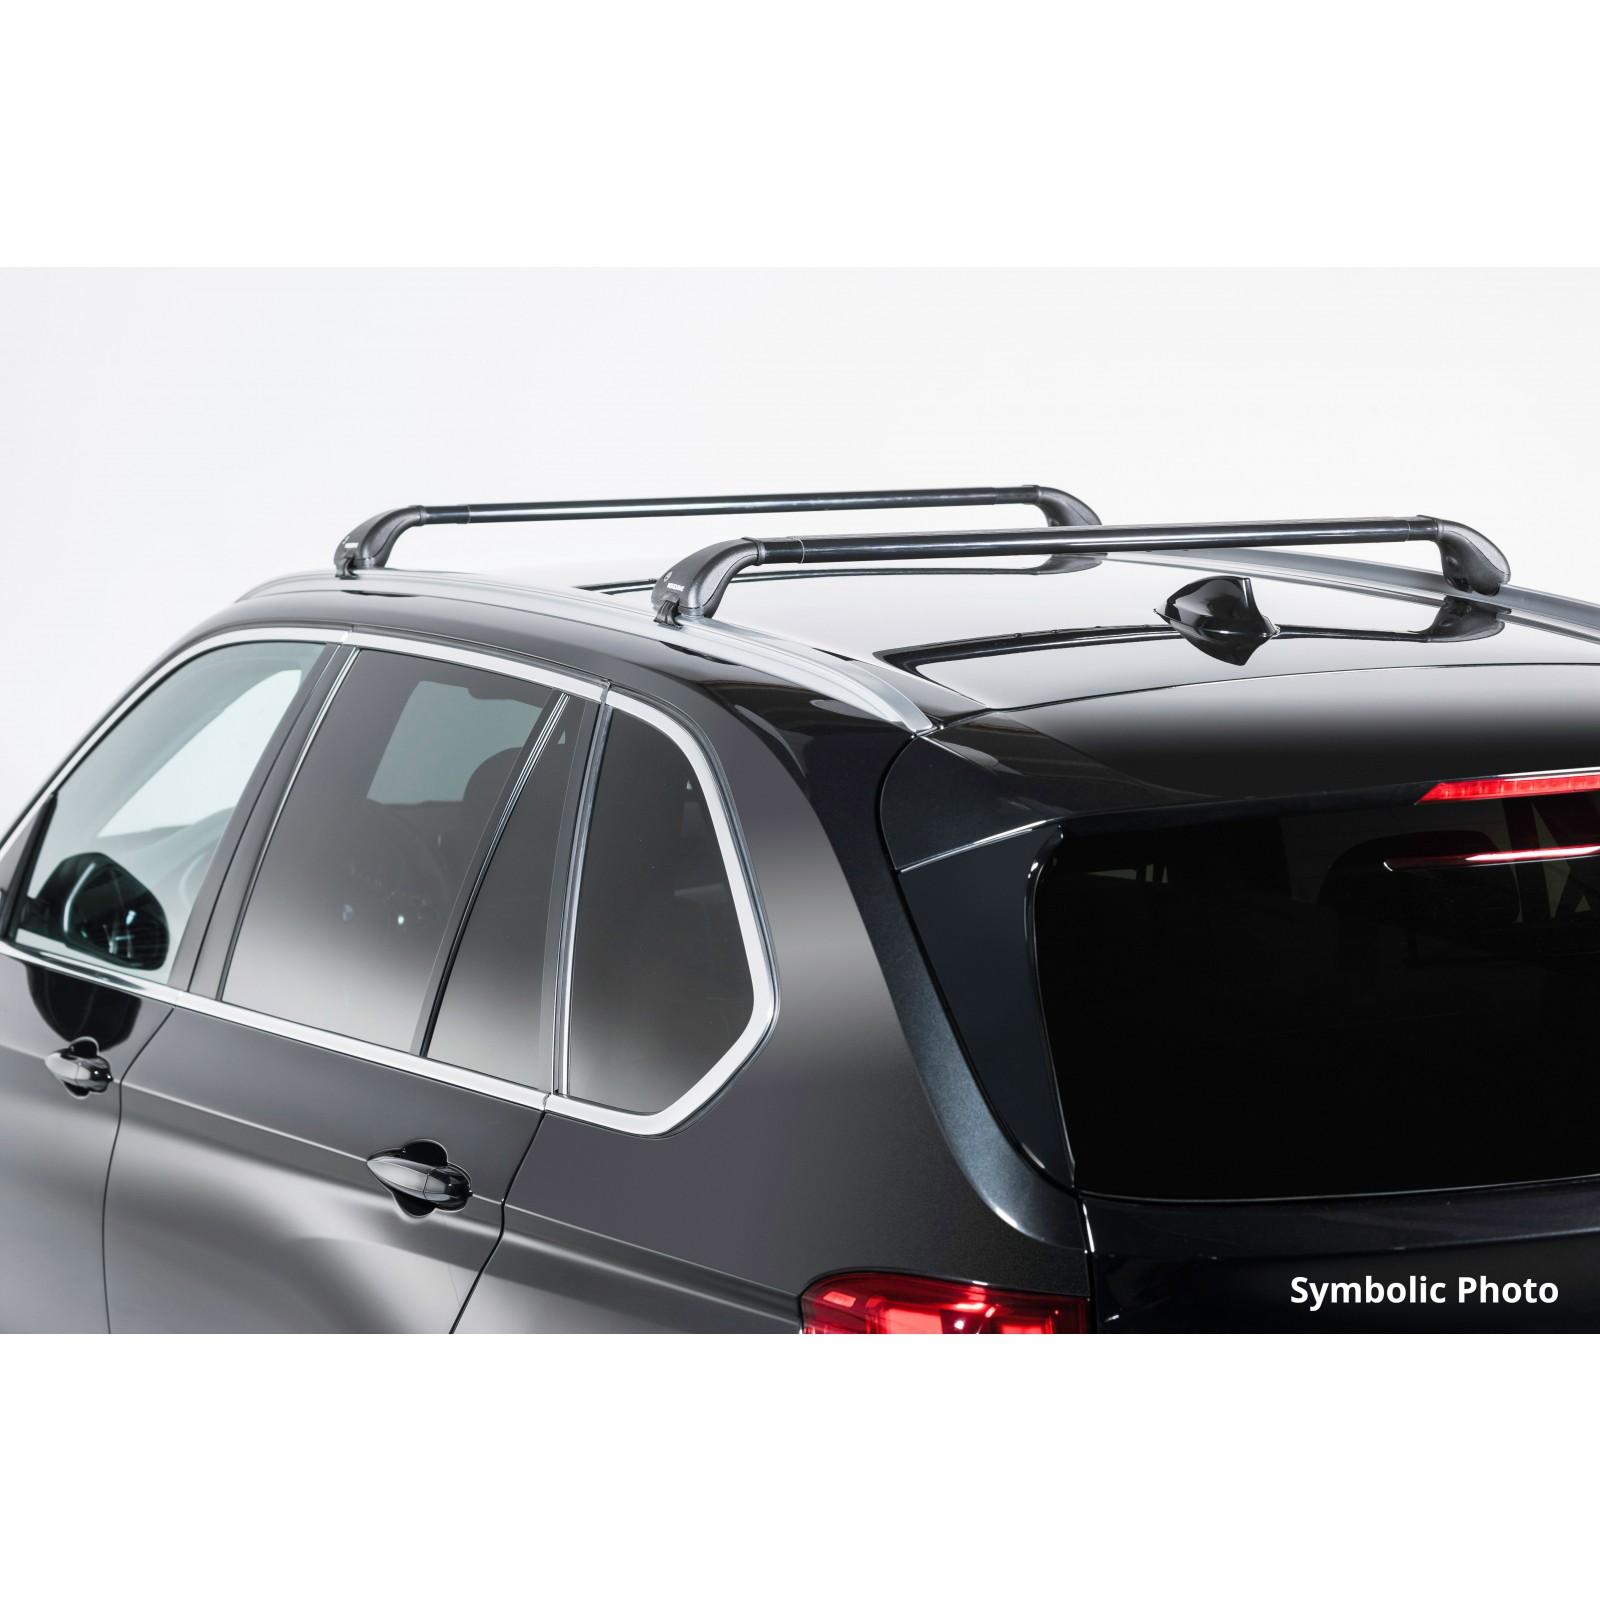 barres de toit en acier pour ford focus wagon. Black Bedroom Furniture Sets. Home Design Ideas